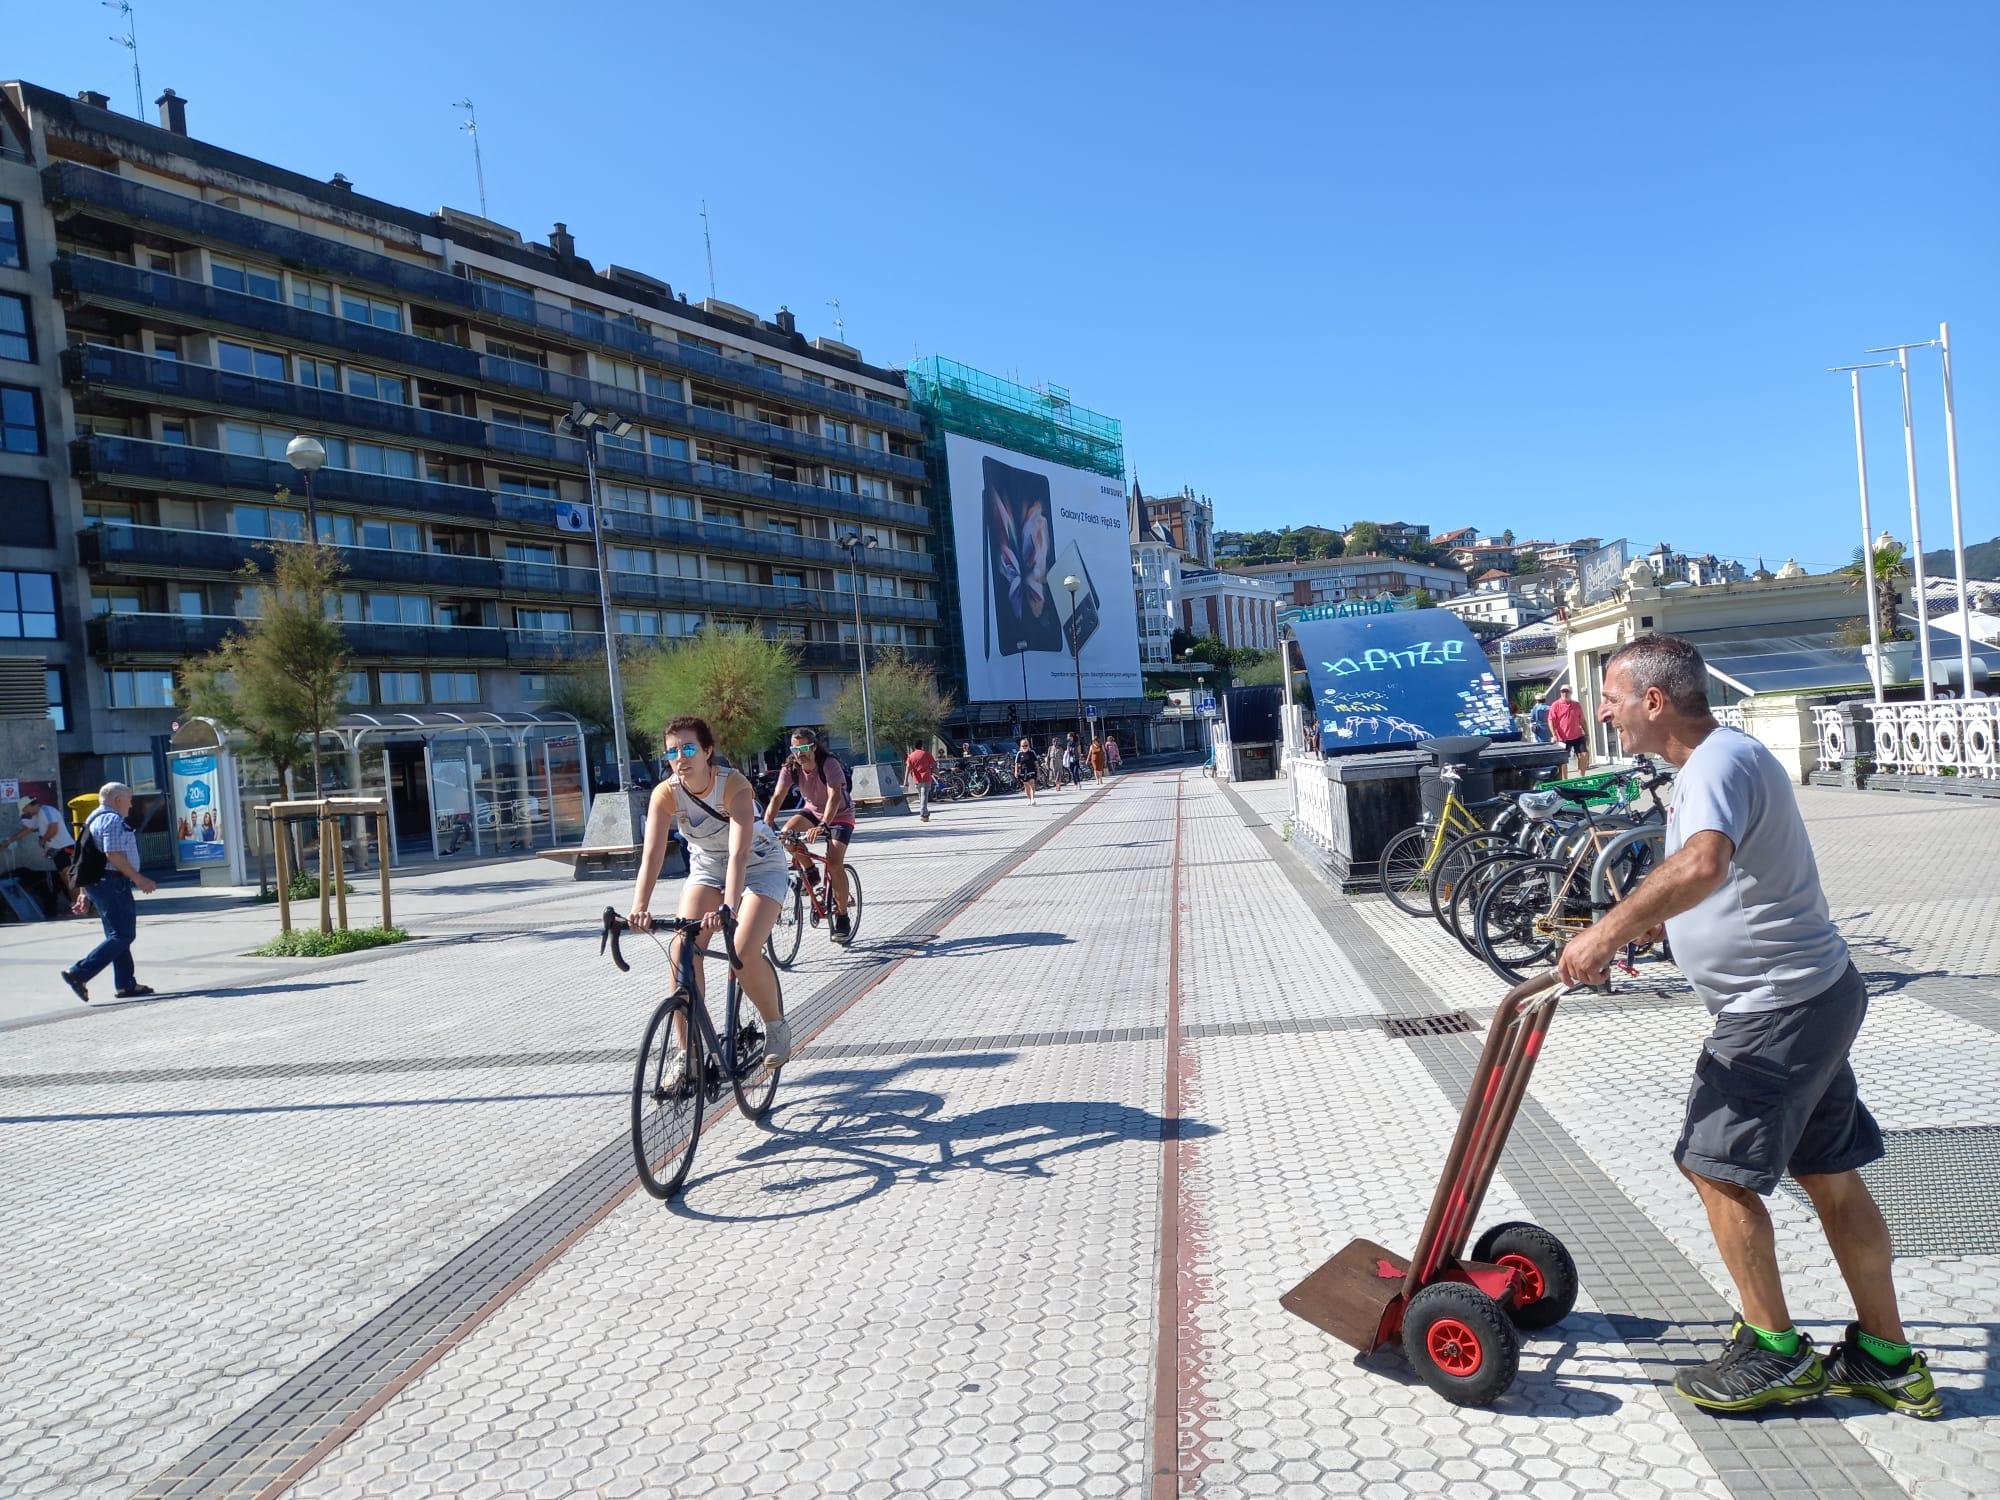 concha1 - El Paseo de la Concha se cerrará a los vehículos a partir del 28 de septiembre